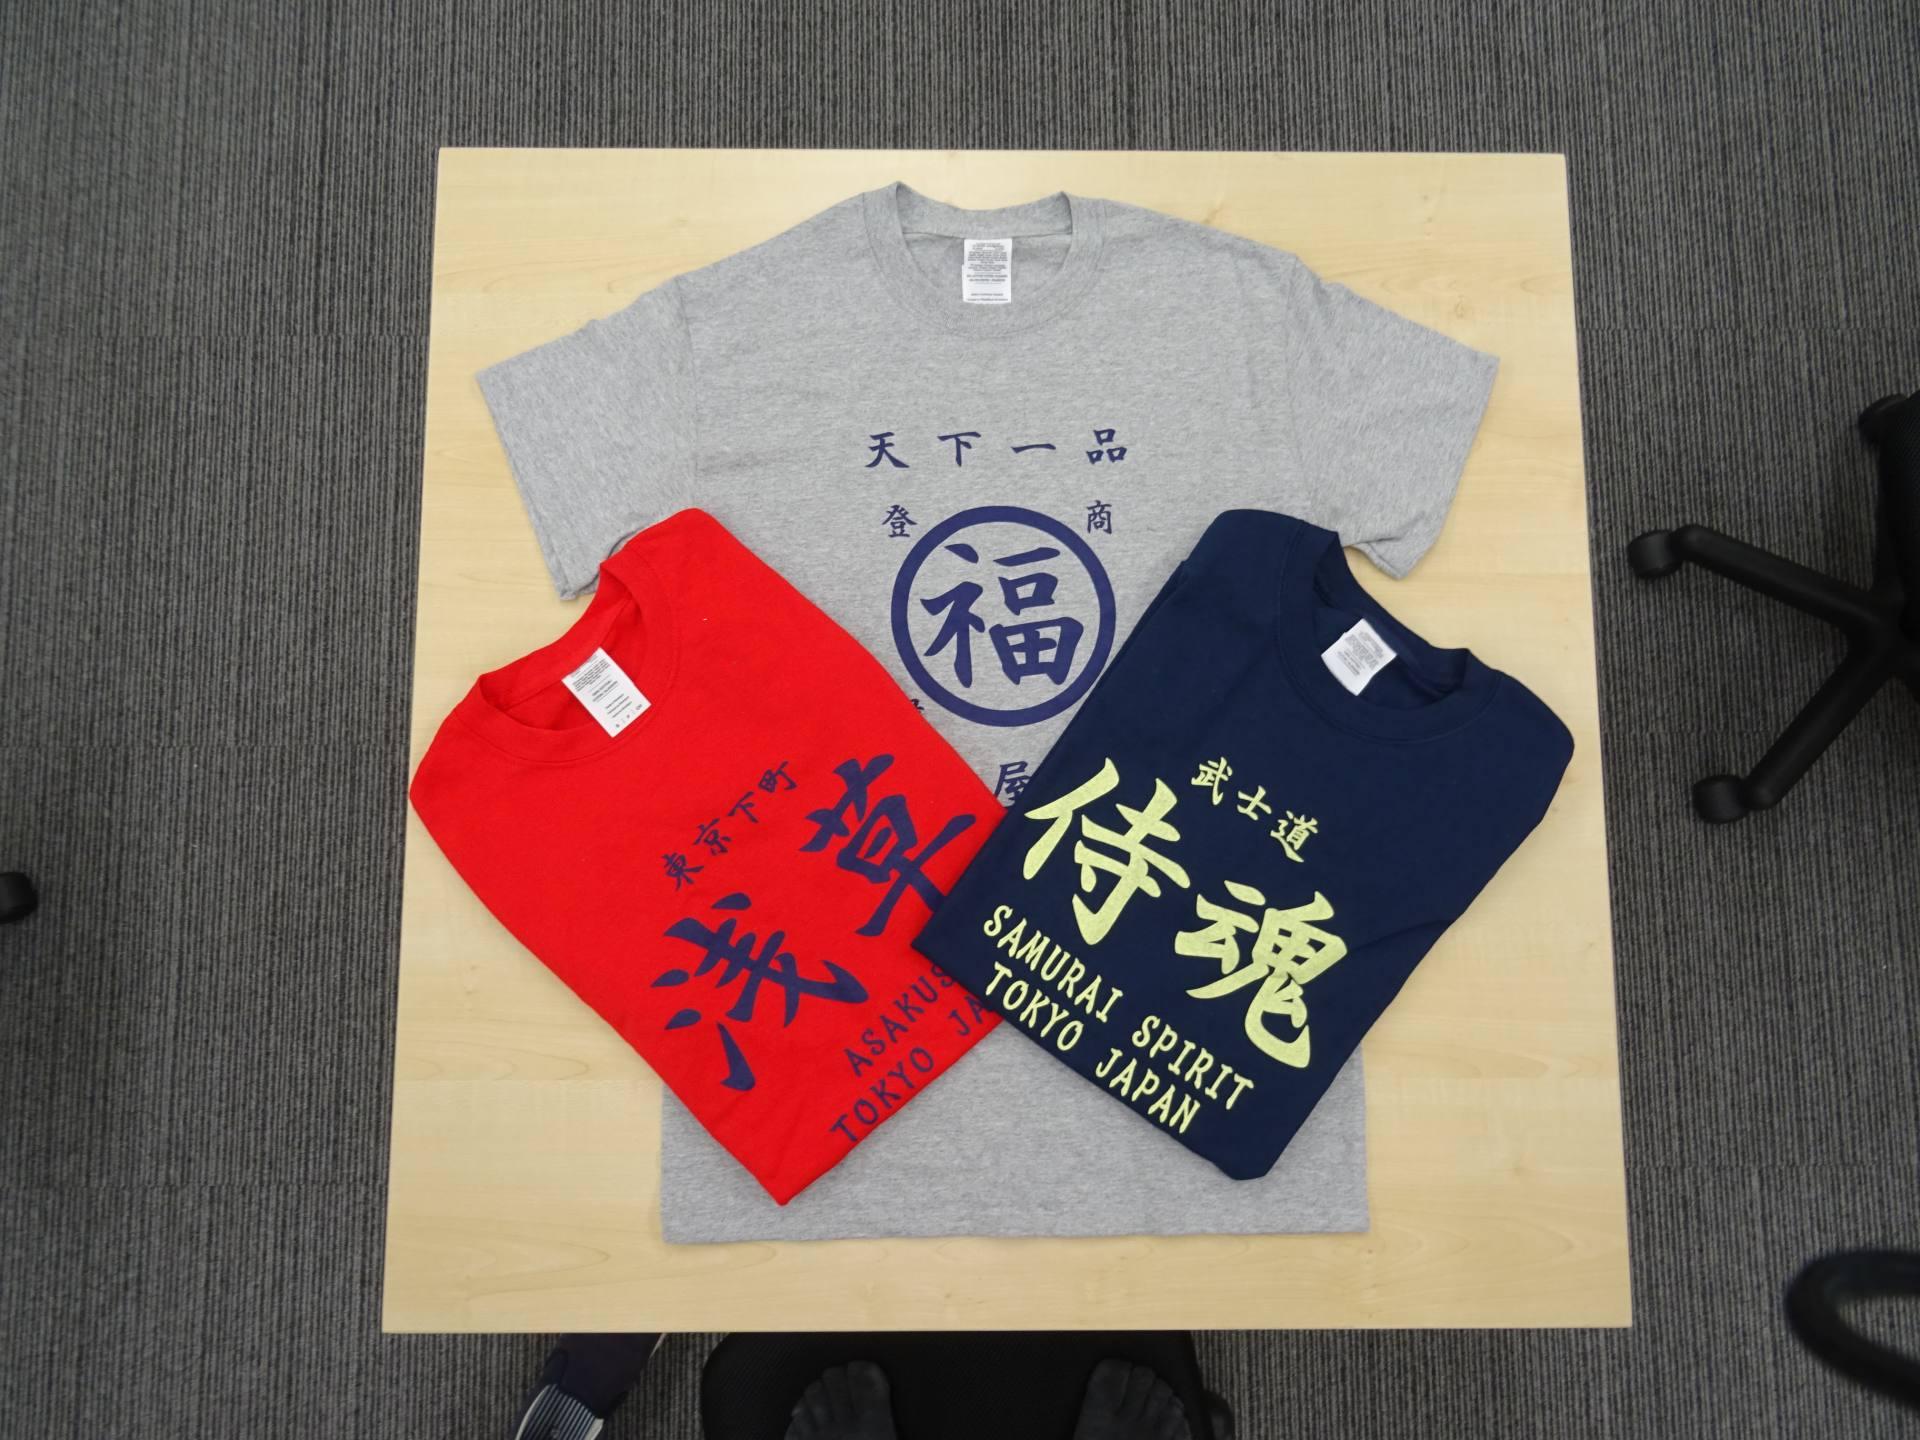 原创T恤(2000日圆)